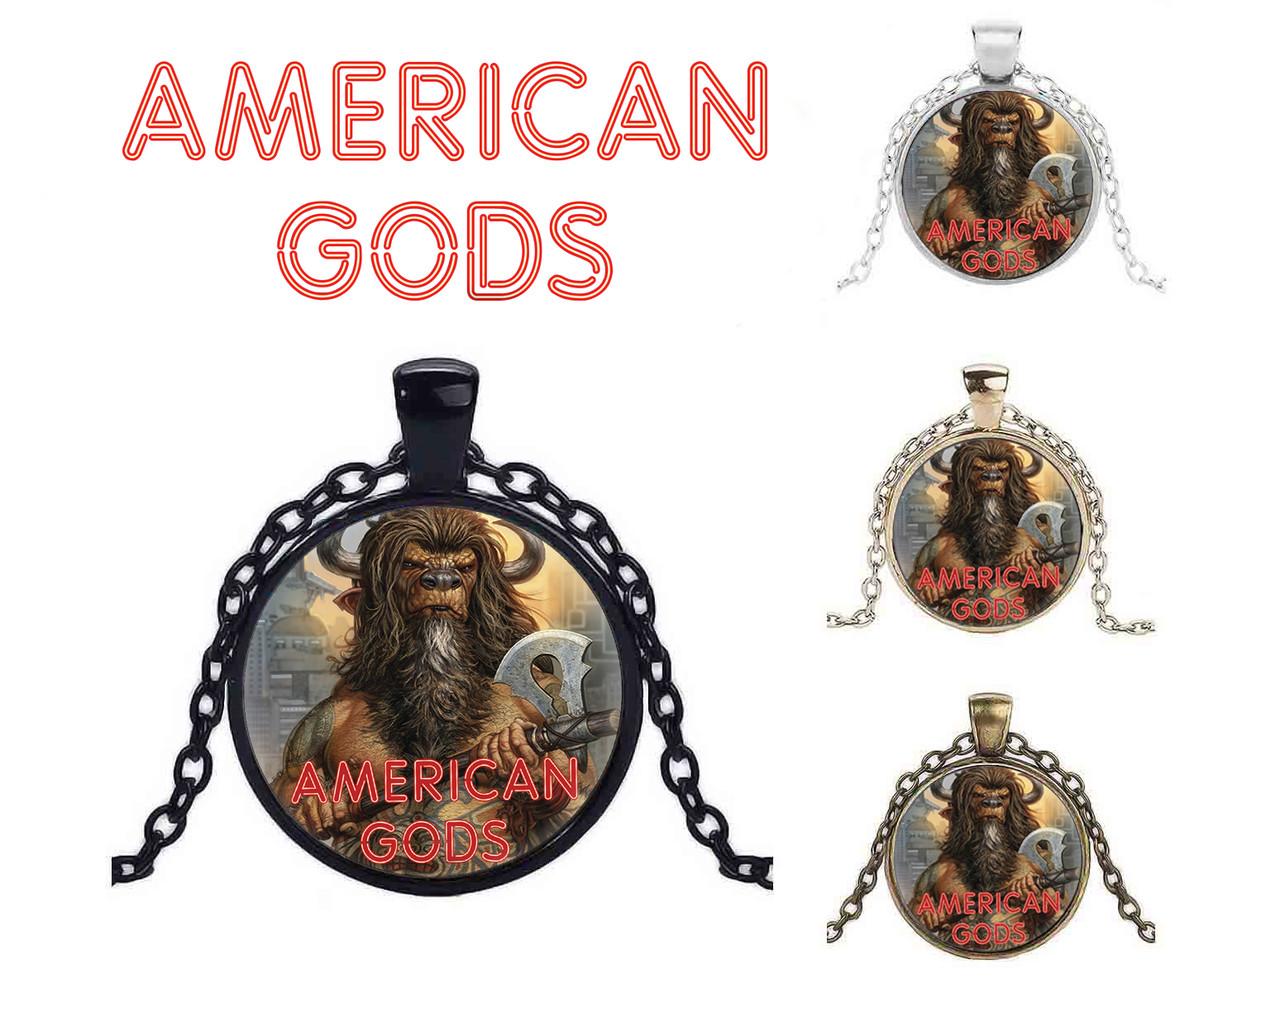 Кулон Американские боги / American Gods с изображением Минотавра